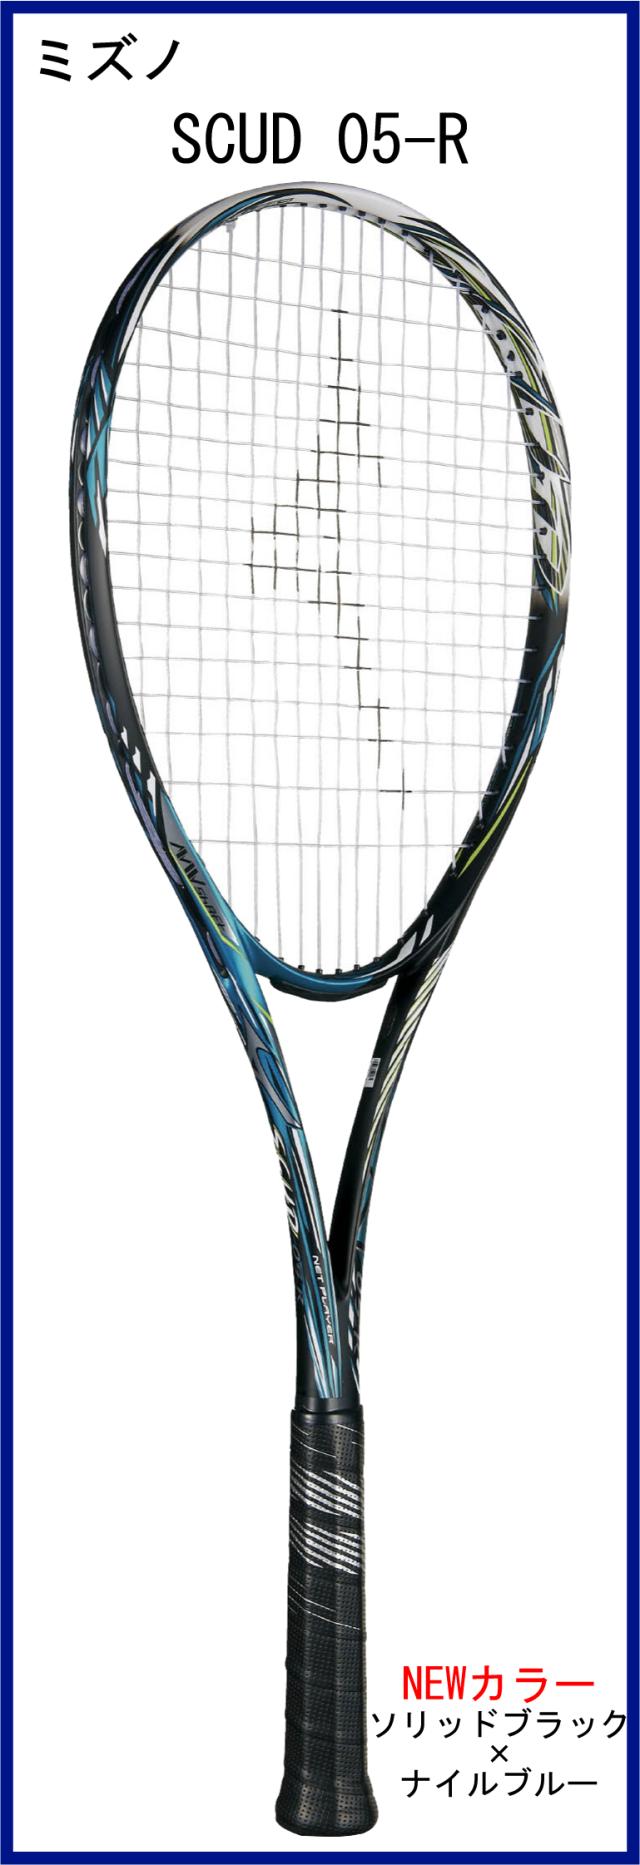 【新デザインラケット】 ミズノ SCUD 05-R スカッド 05アール (ソリッドブラック×ナイルブルー) 【7月発売】